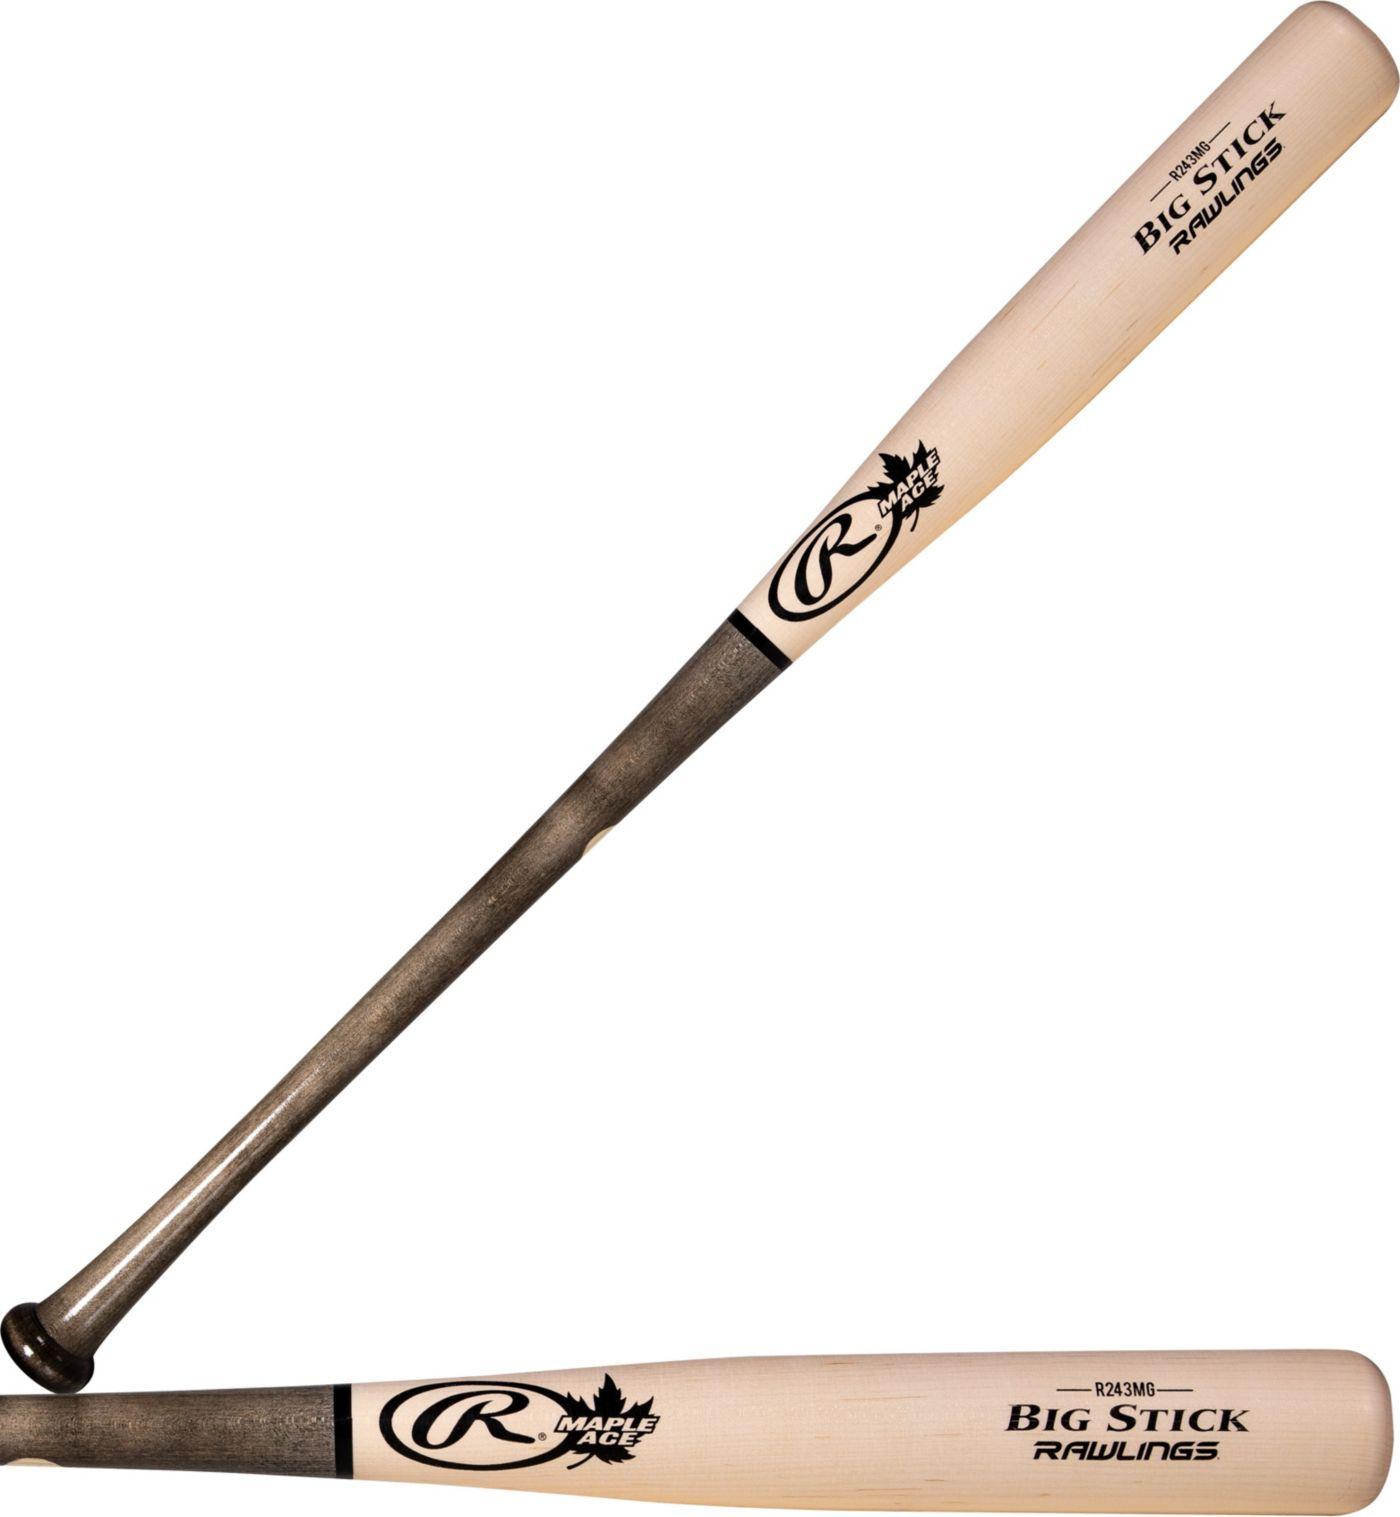 Rawlings Big Stick 243 Ace Maple Bat